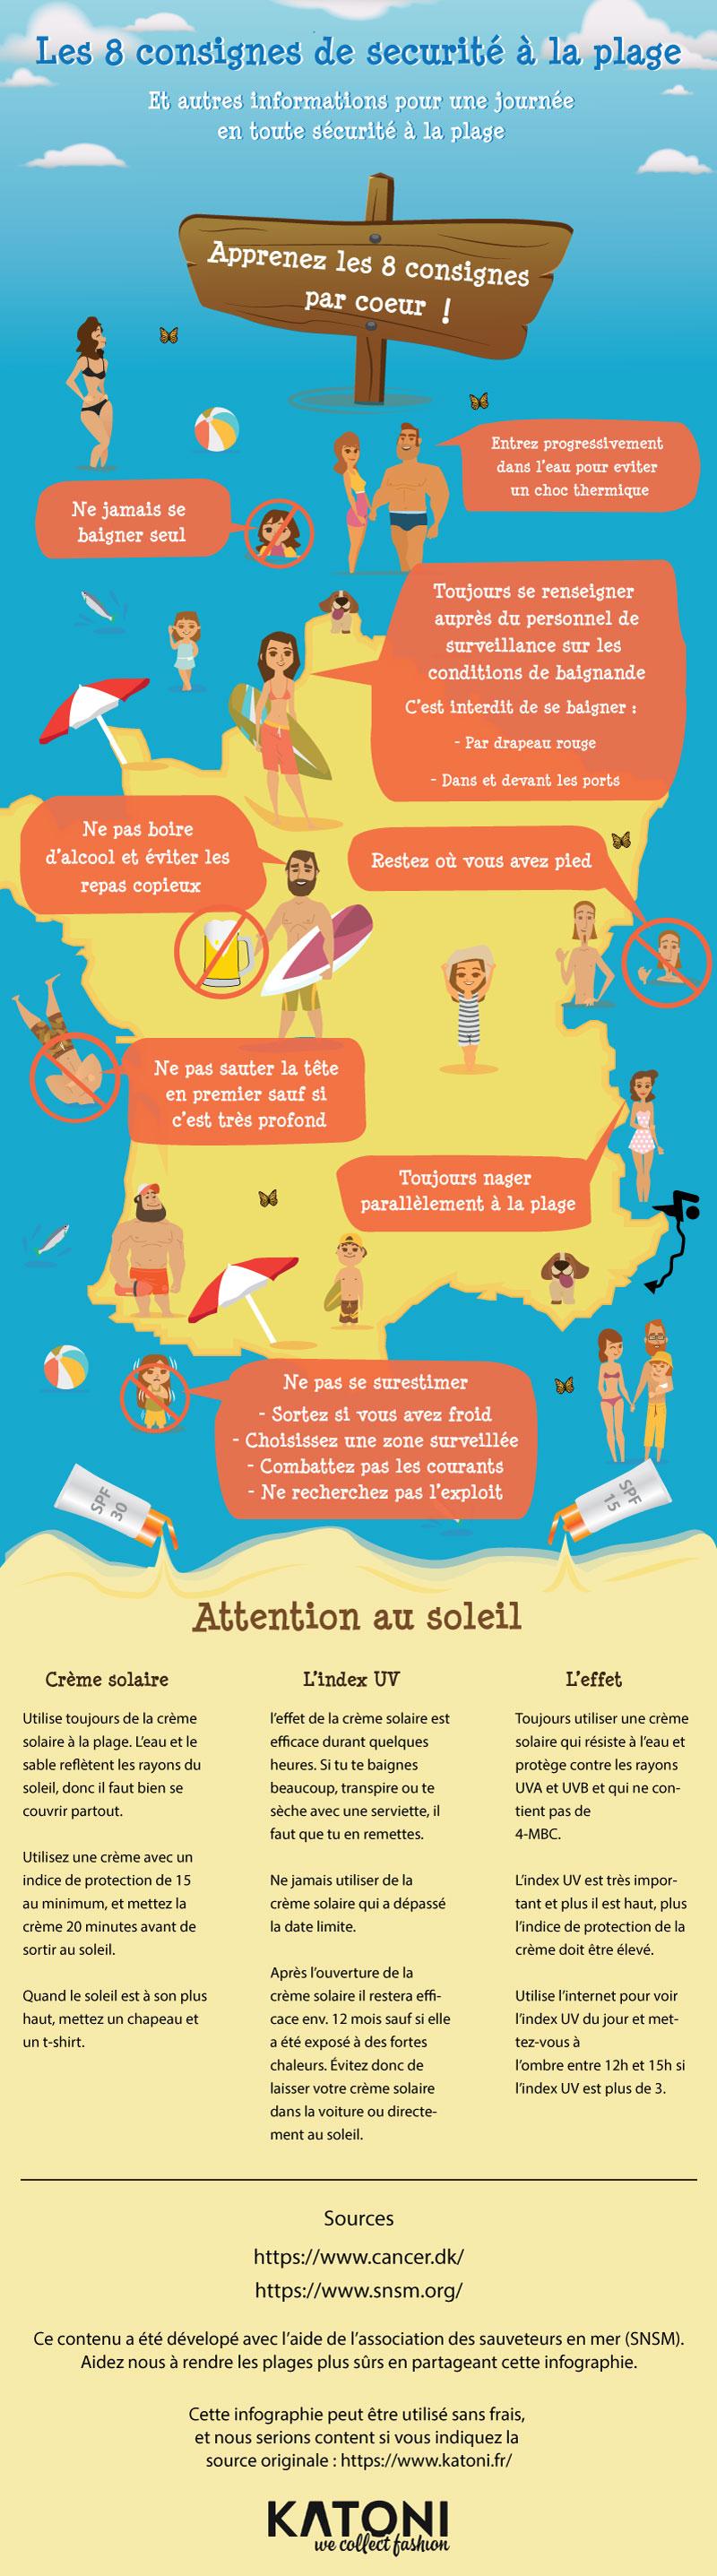 Une infographie avec les consignes de sécurité et de prévention contre les dangers du soleil